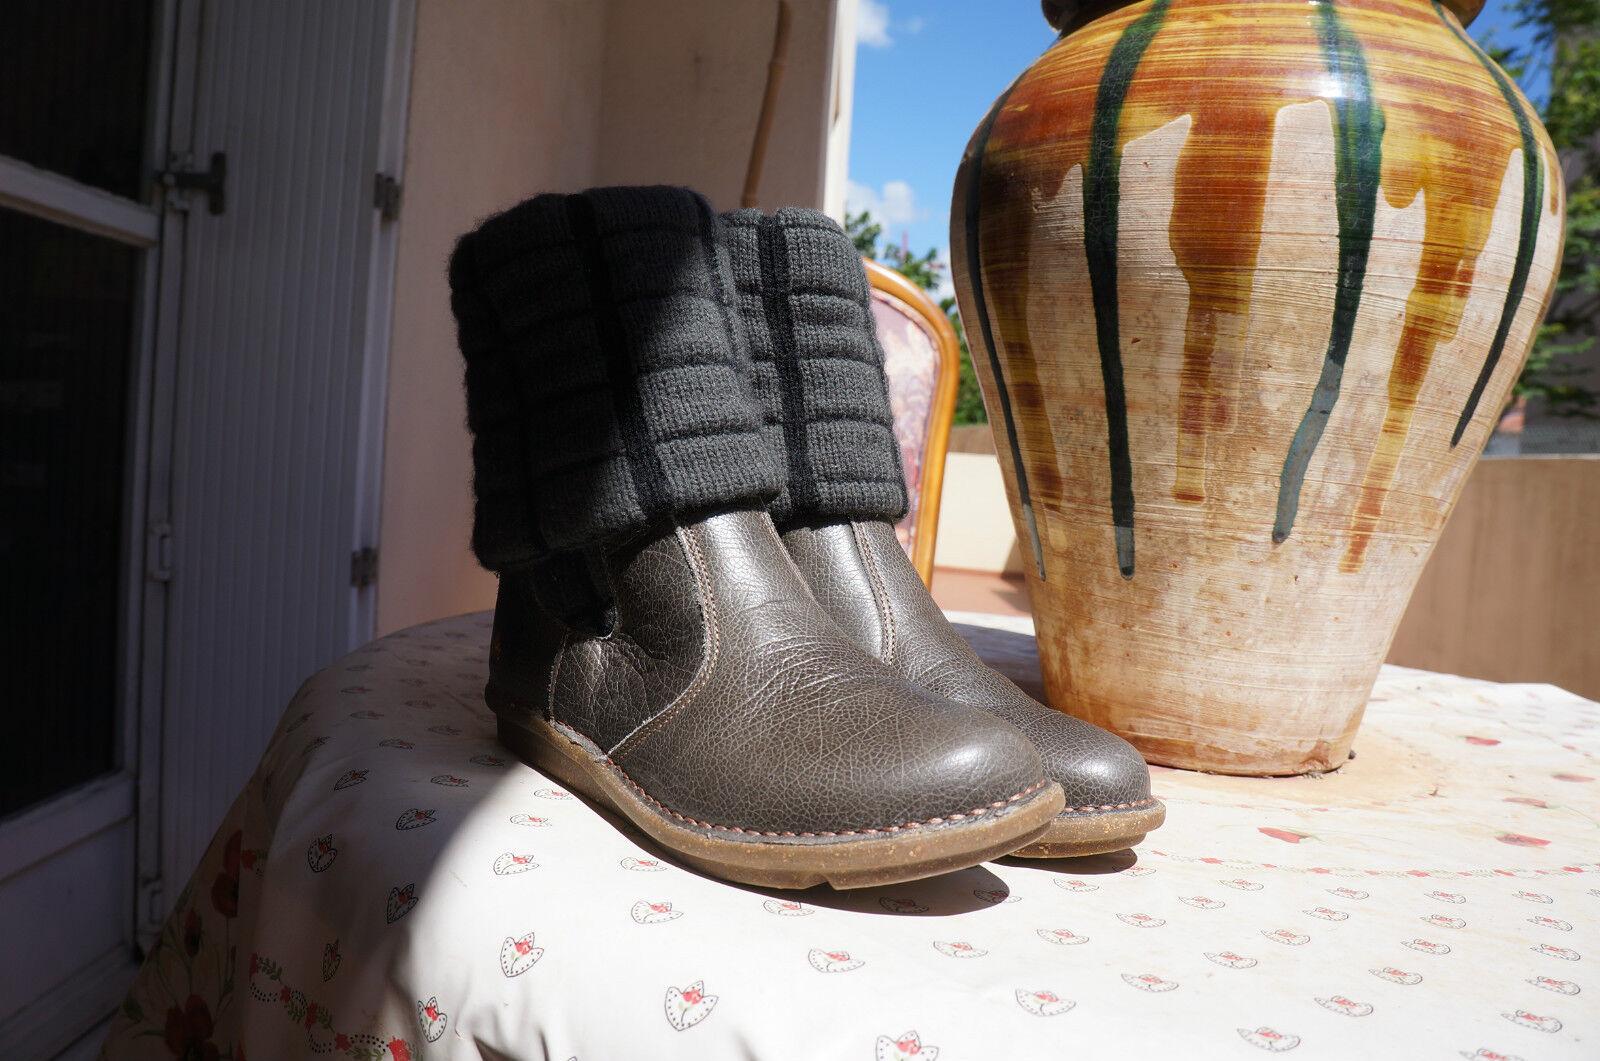 Zapatos especiales con descuento Art I Dance 952, Boots mujer - Bleu (Brunito), 37 EU  -7 -5